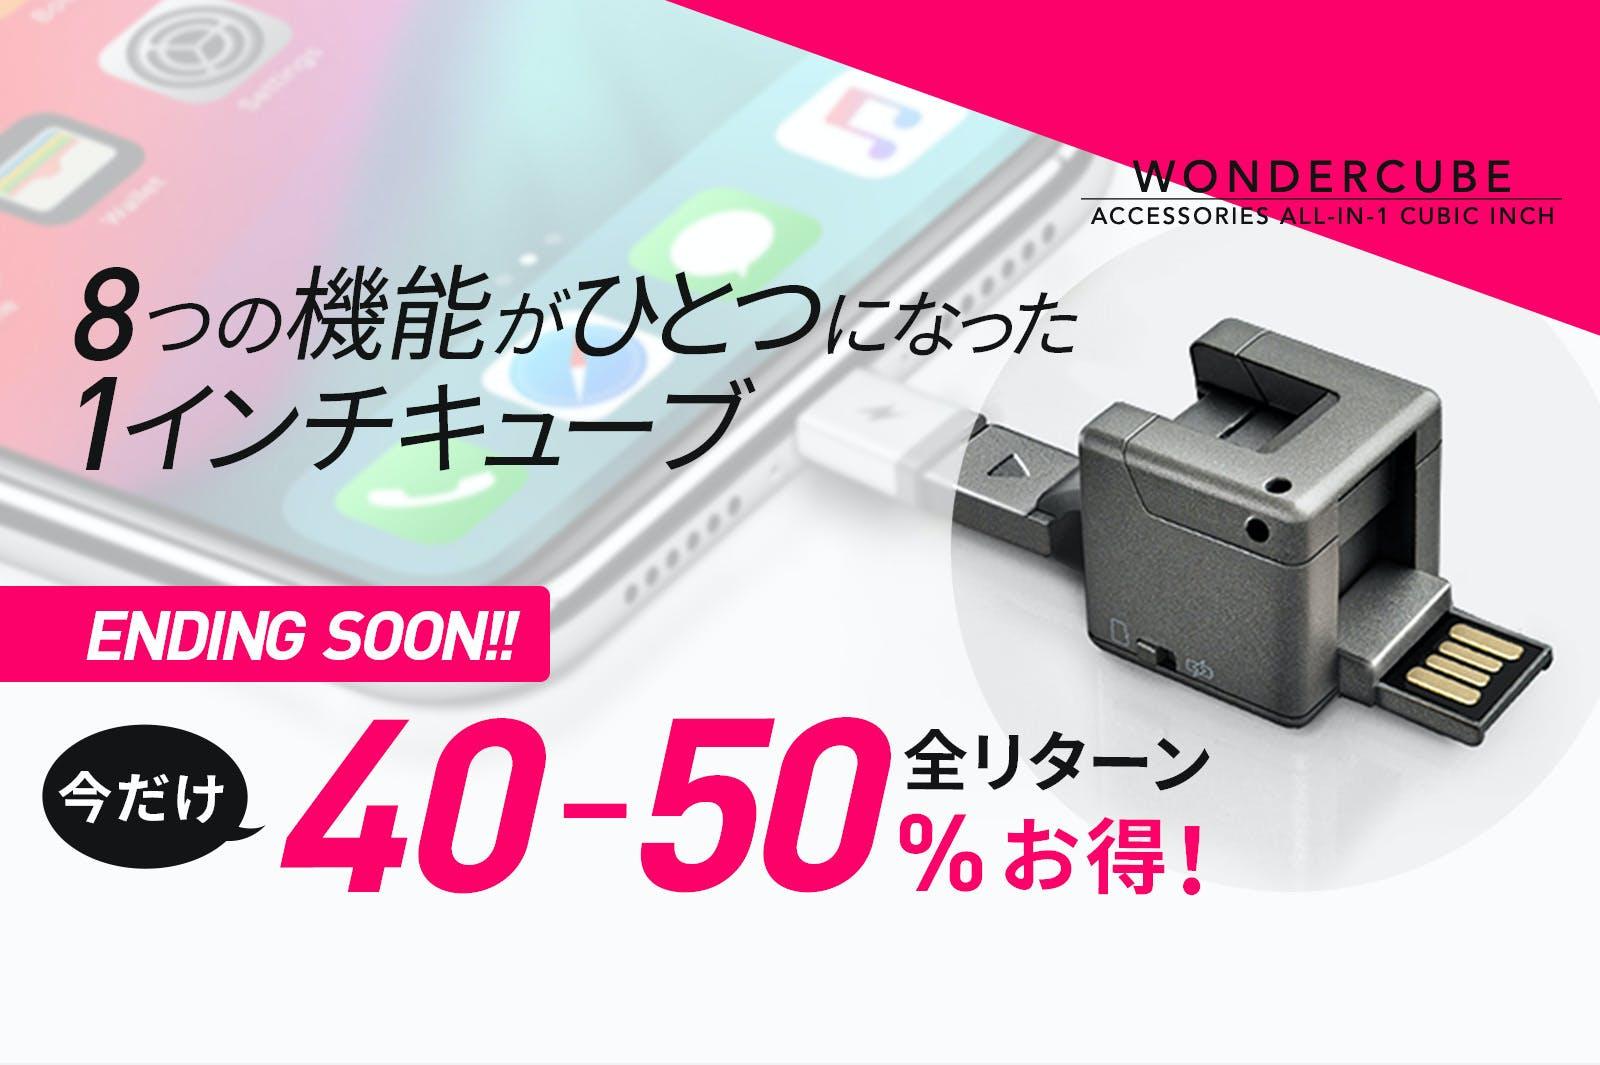 WonderCube Pro -1立方インチの中にモバイルに必要不可欠なアイテム